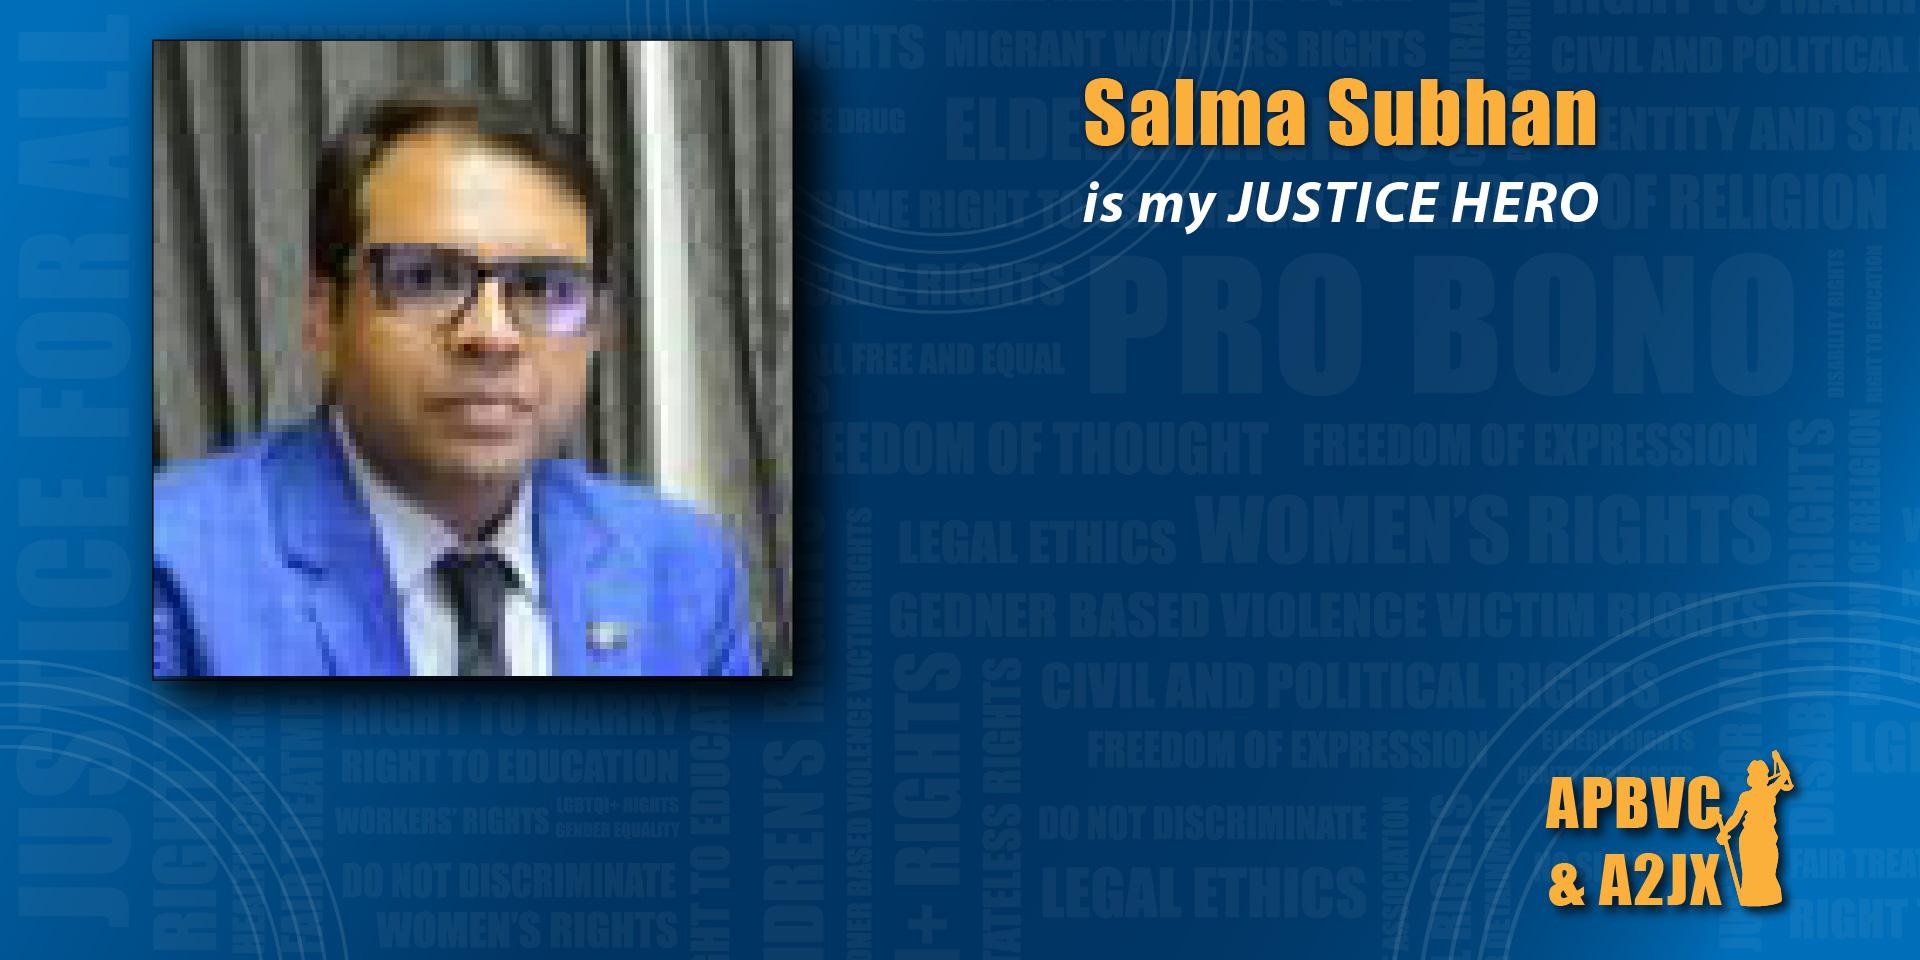 Salma Subhan